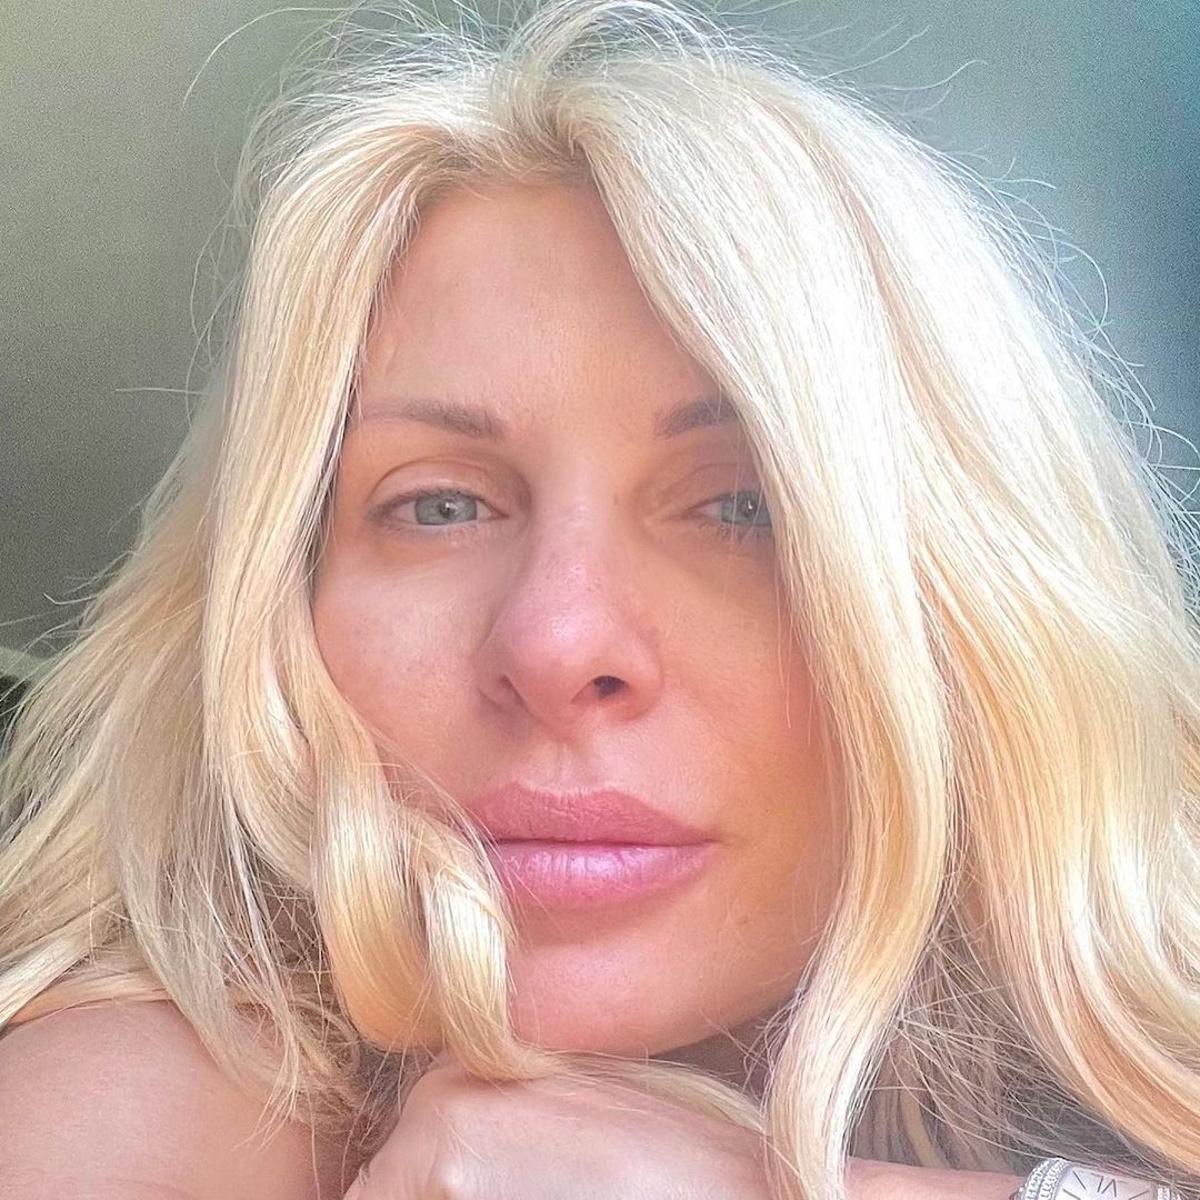 Ελένη Μενεγάκη χωρίς μακιγιάζ